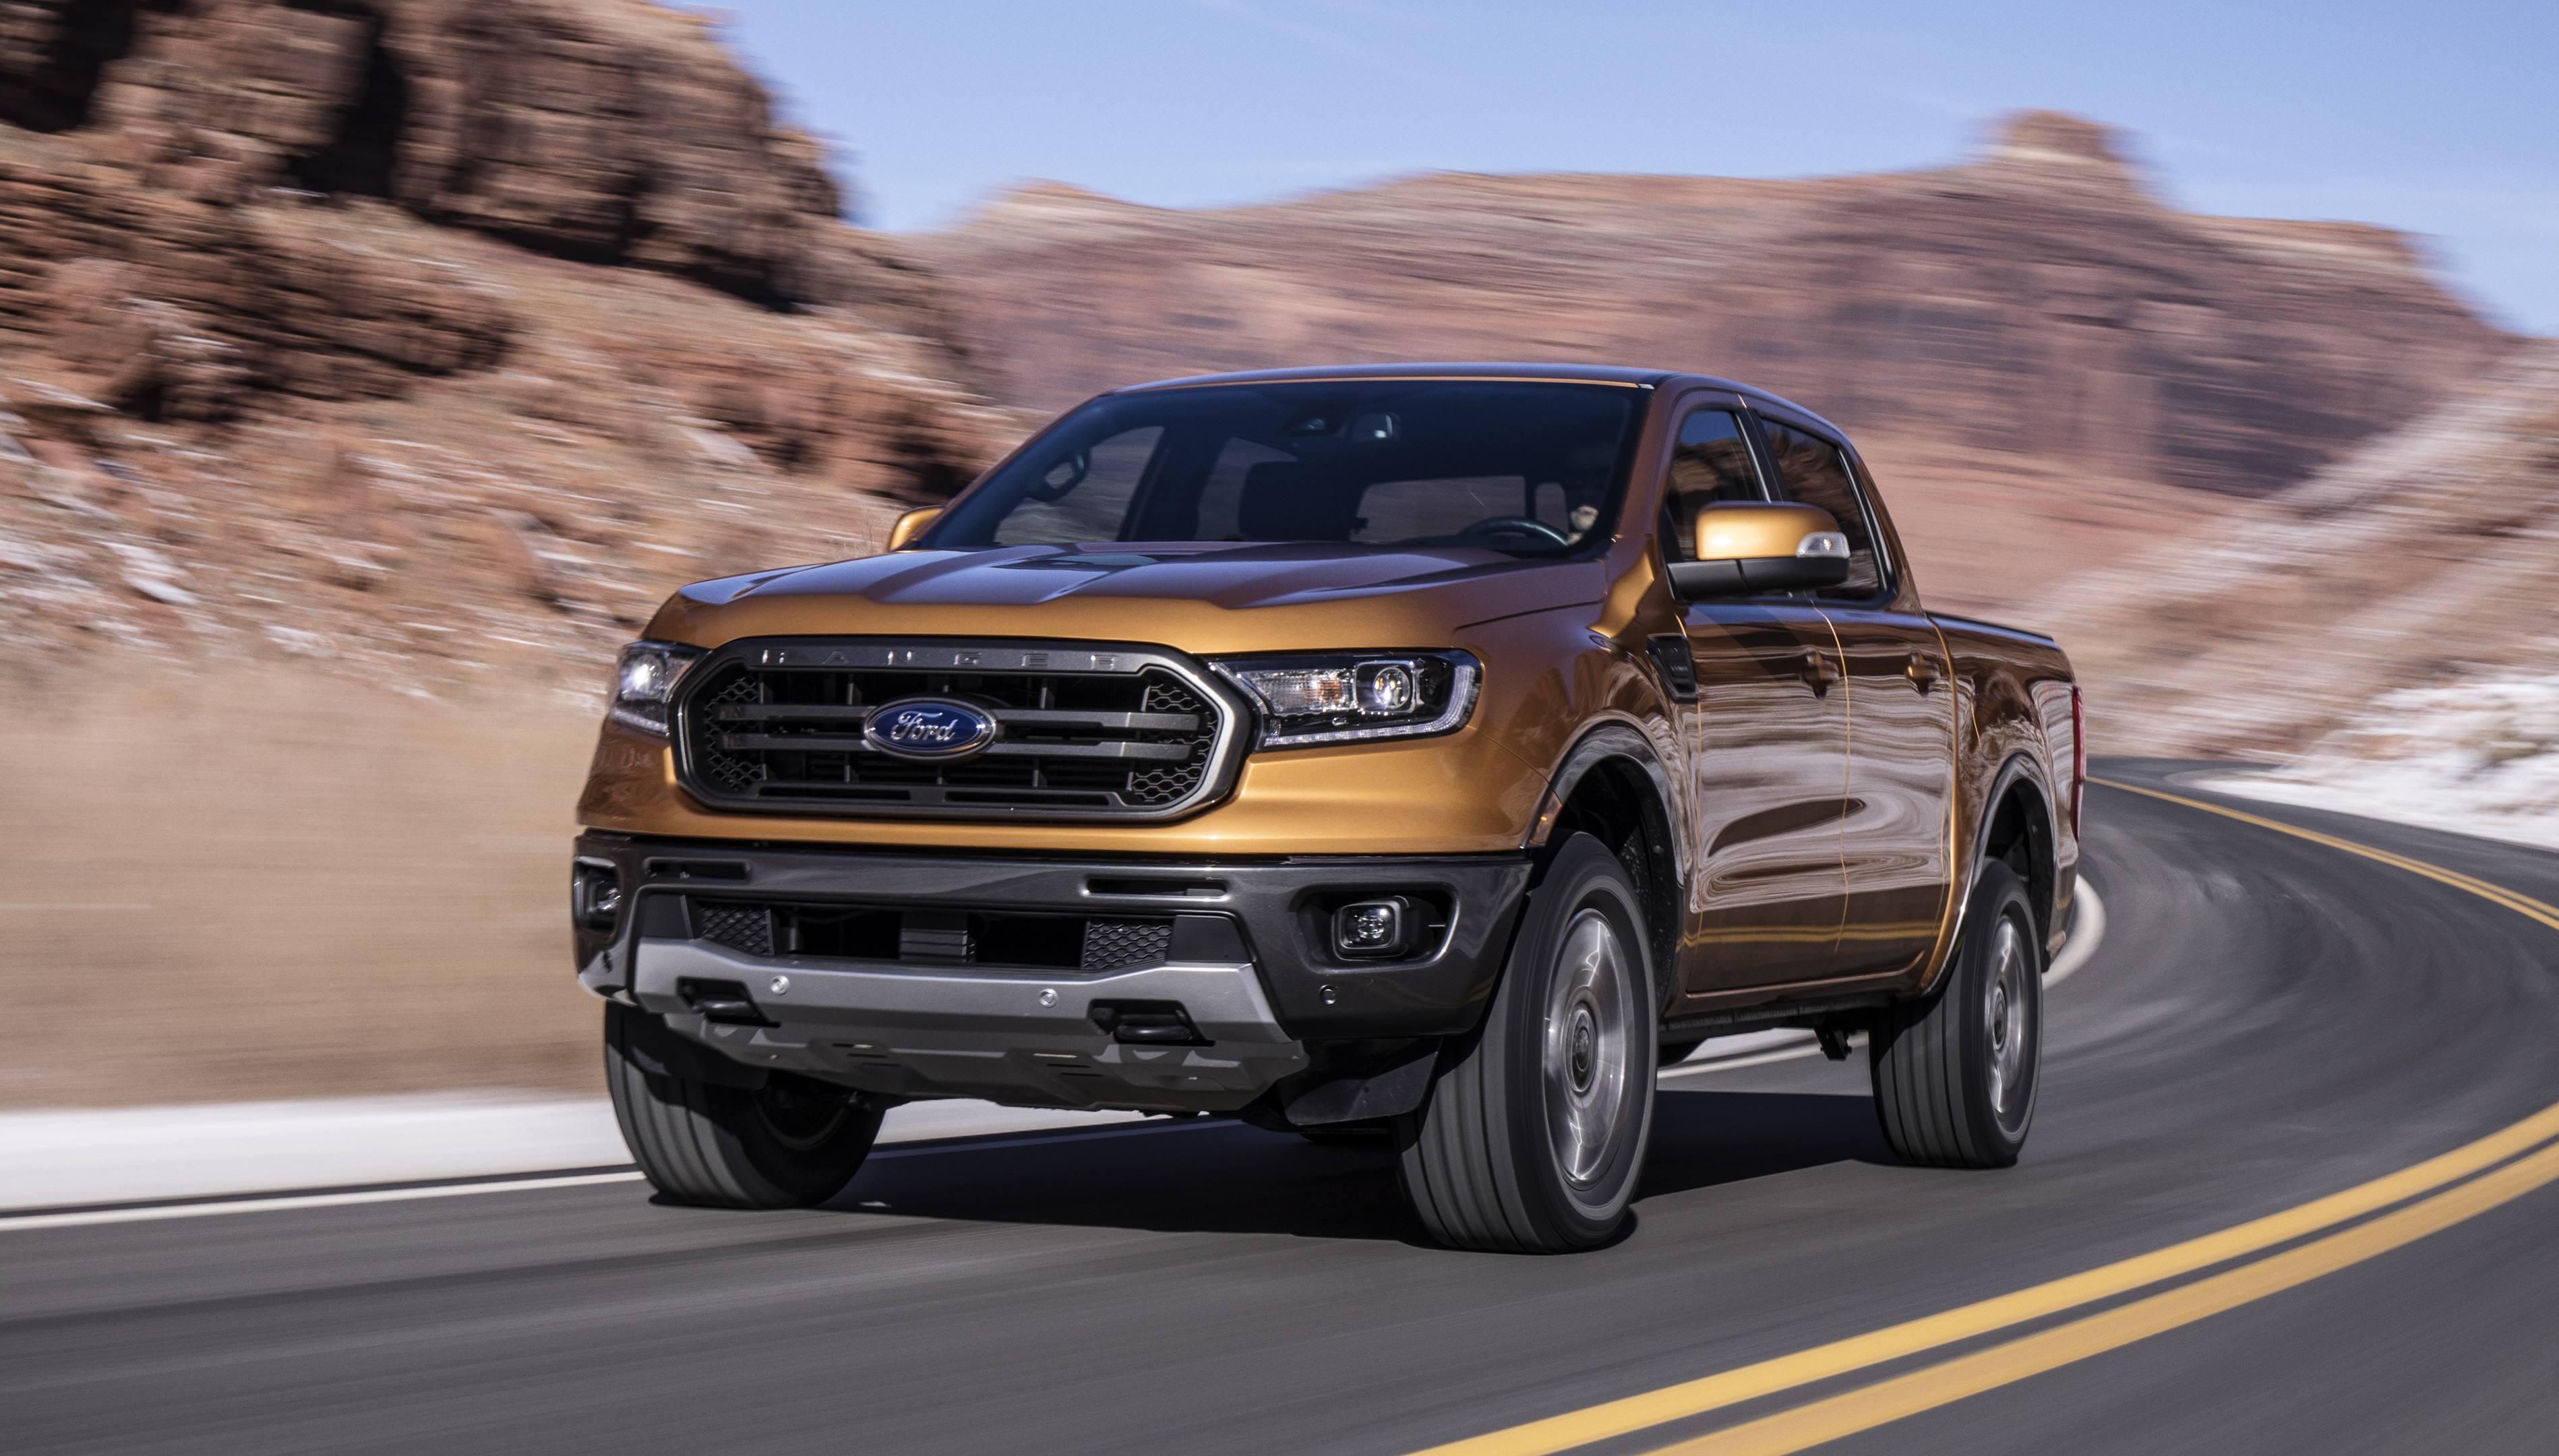 2019 Ford Ranger pickup truck